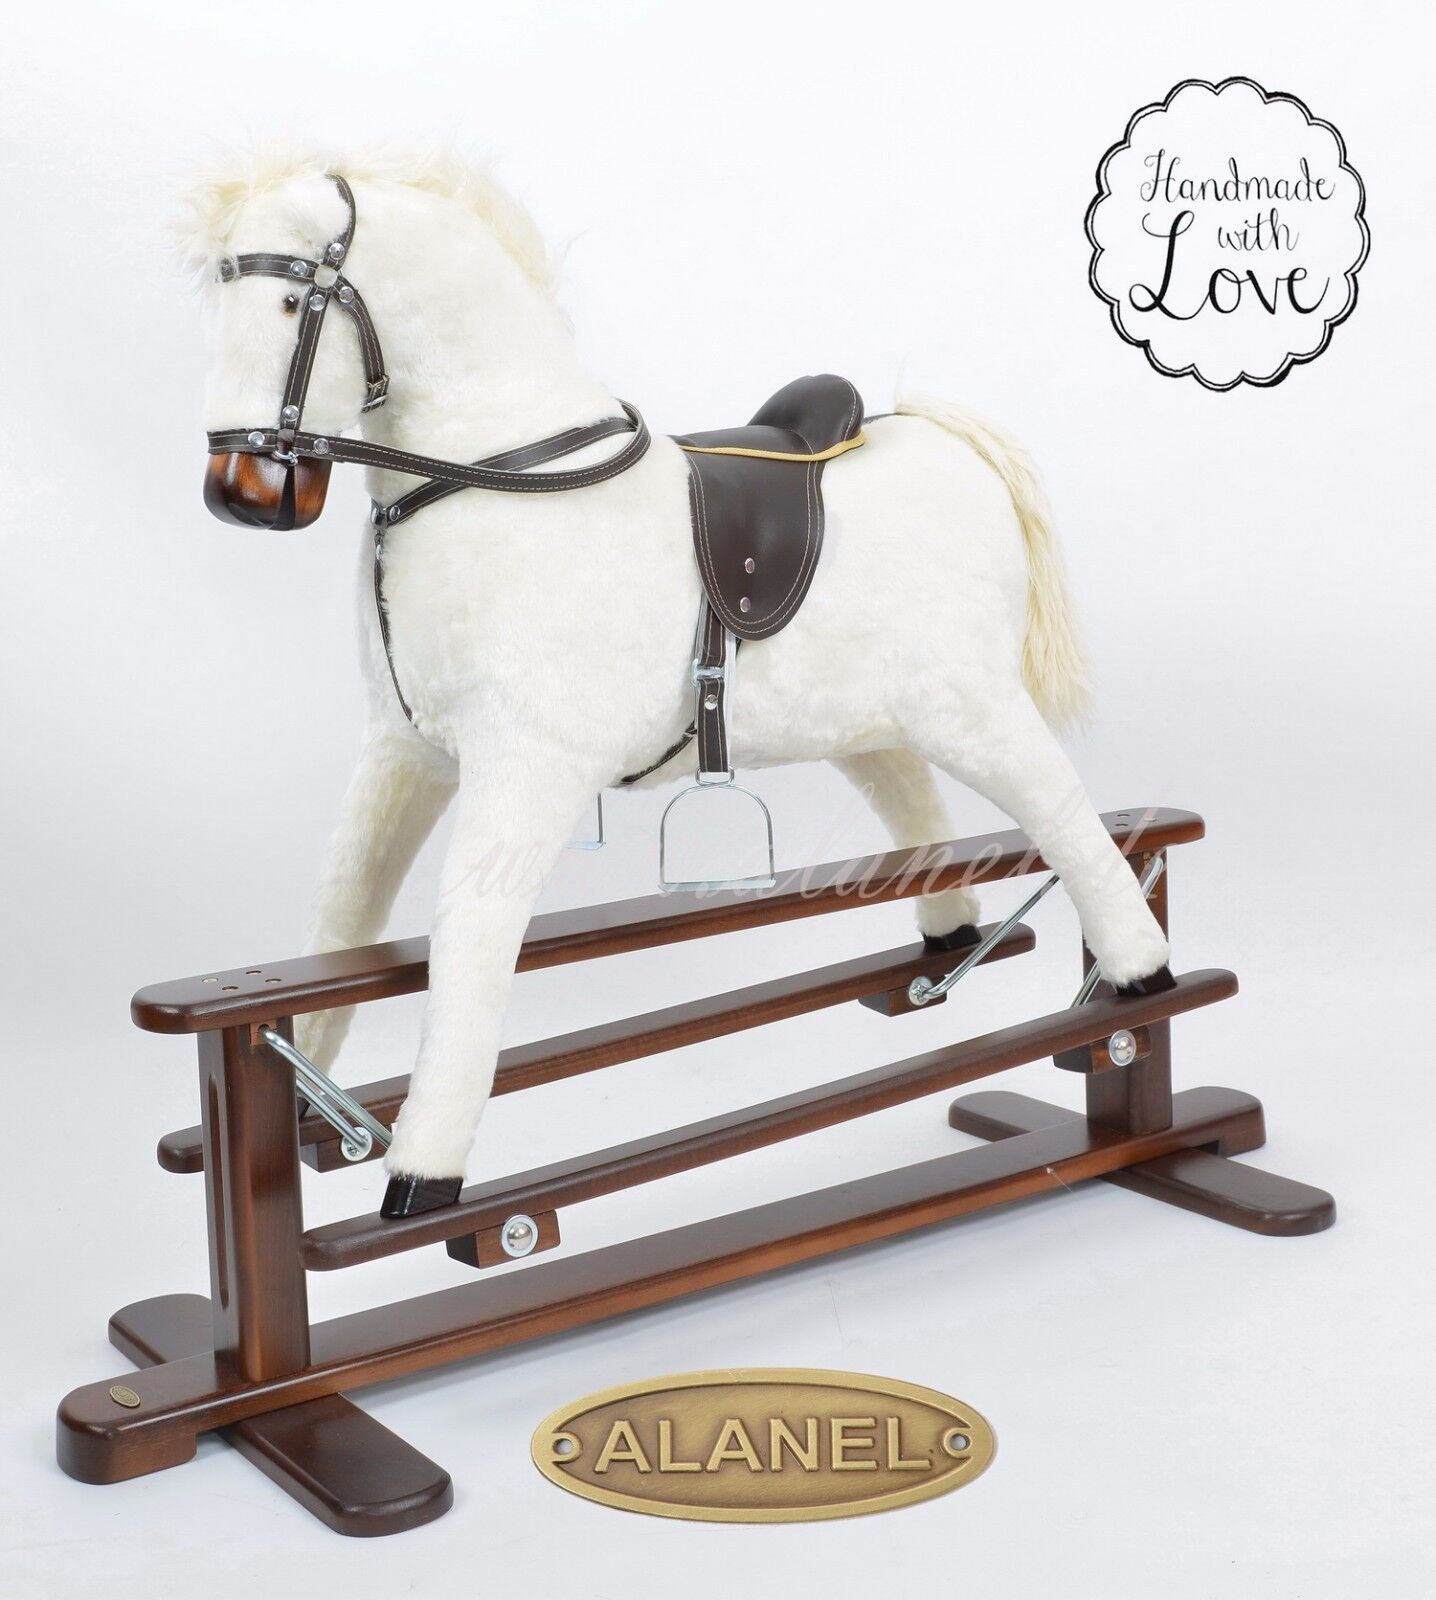 Nuevo Marte V Hecho a Mano Mecedora Caballo Schaukelpferd Cheval basculante Cavallo dondolo